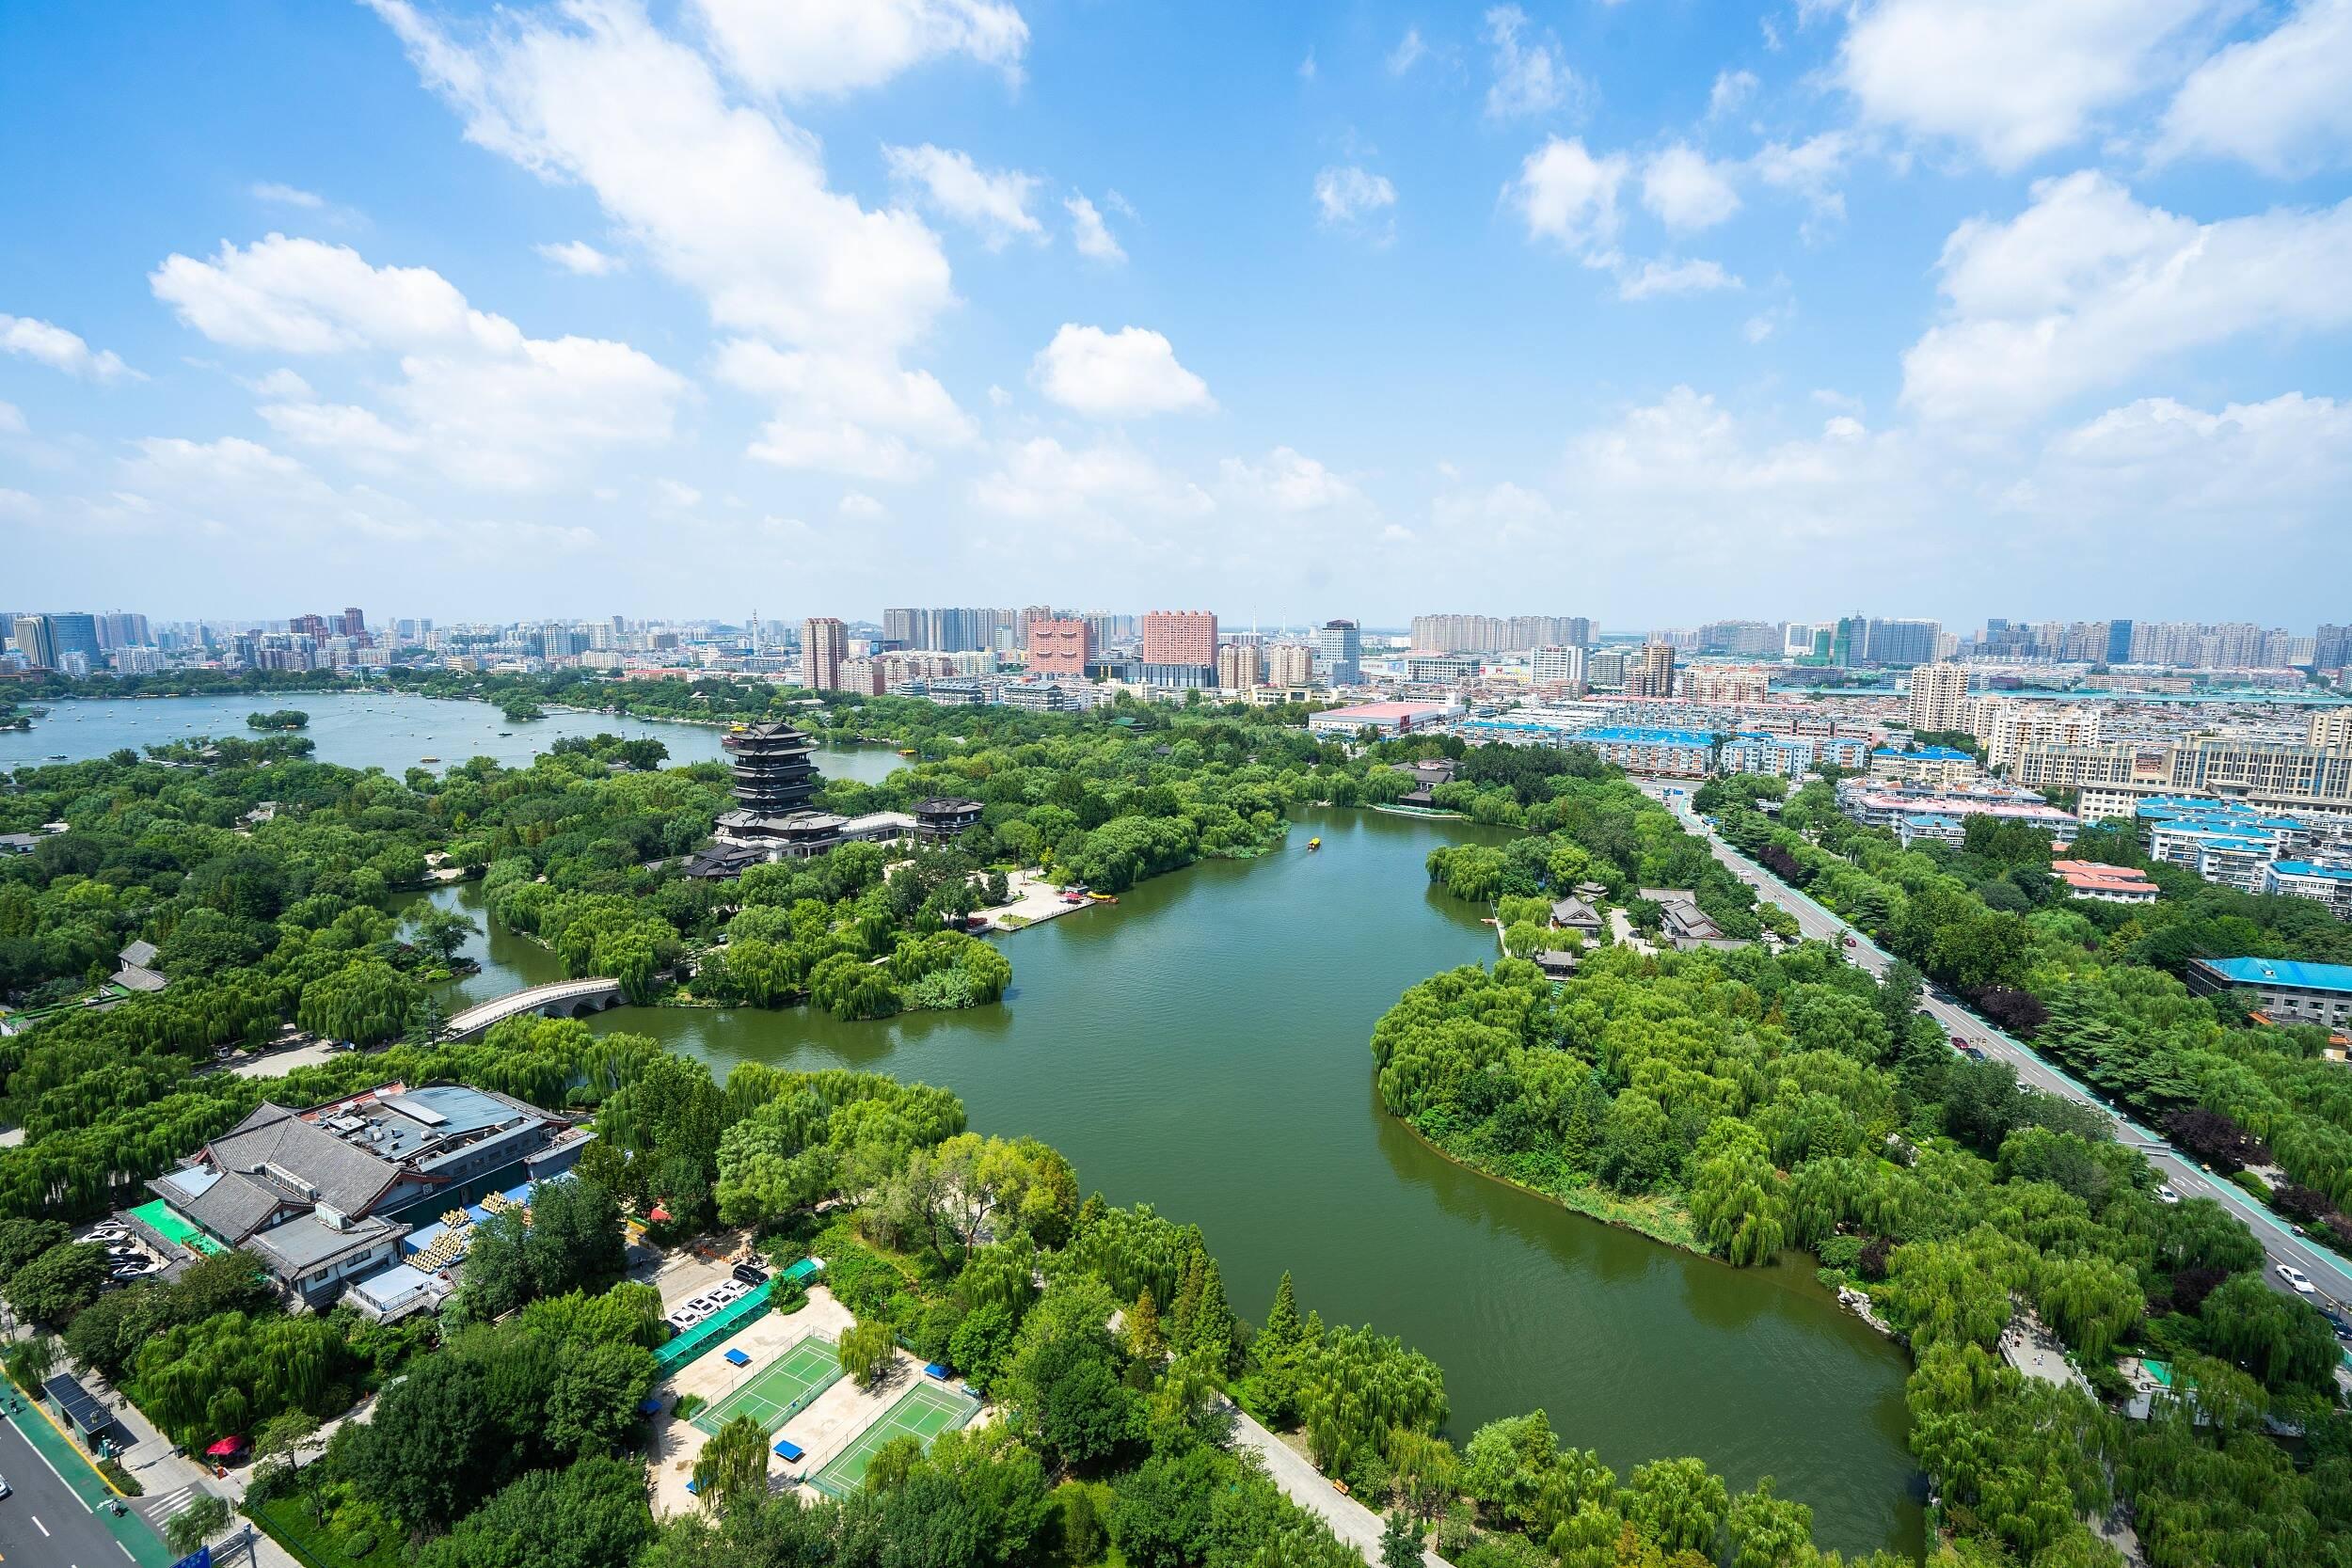 31个省会城市中排名第一!济南市改革热度持续上升 位居全国前列!